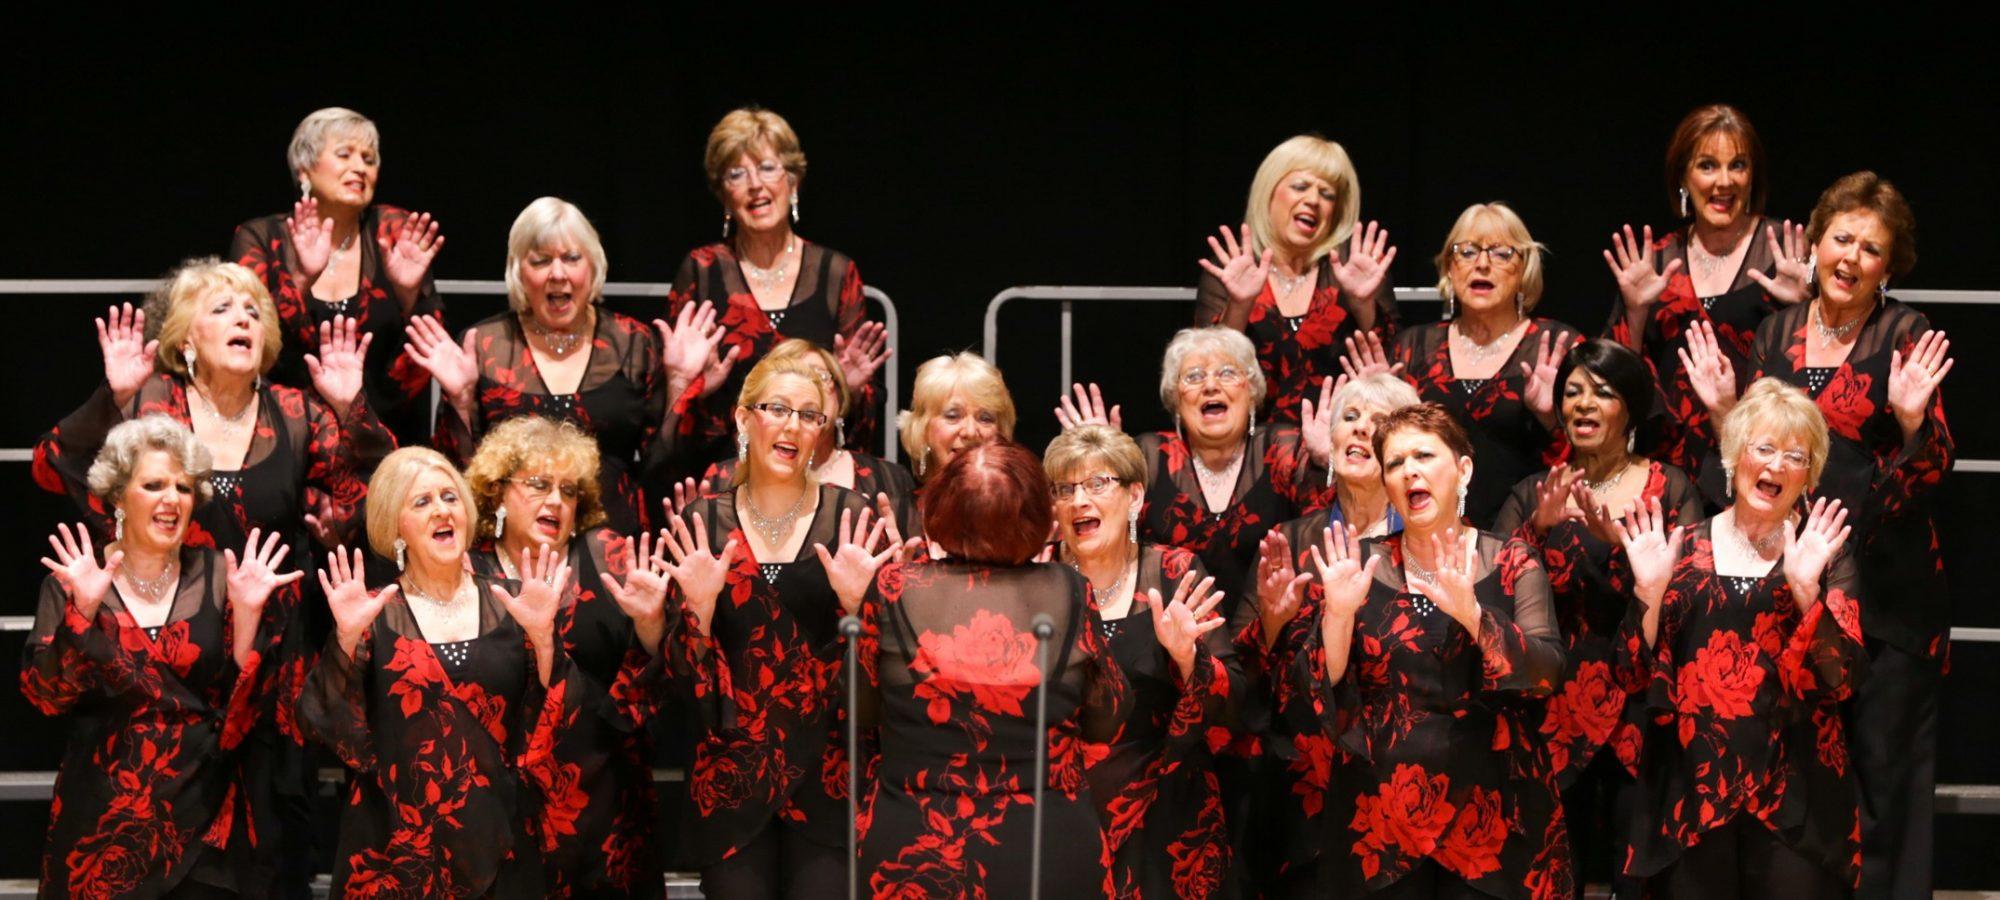 Solent Sounds Chorus